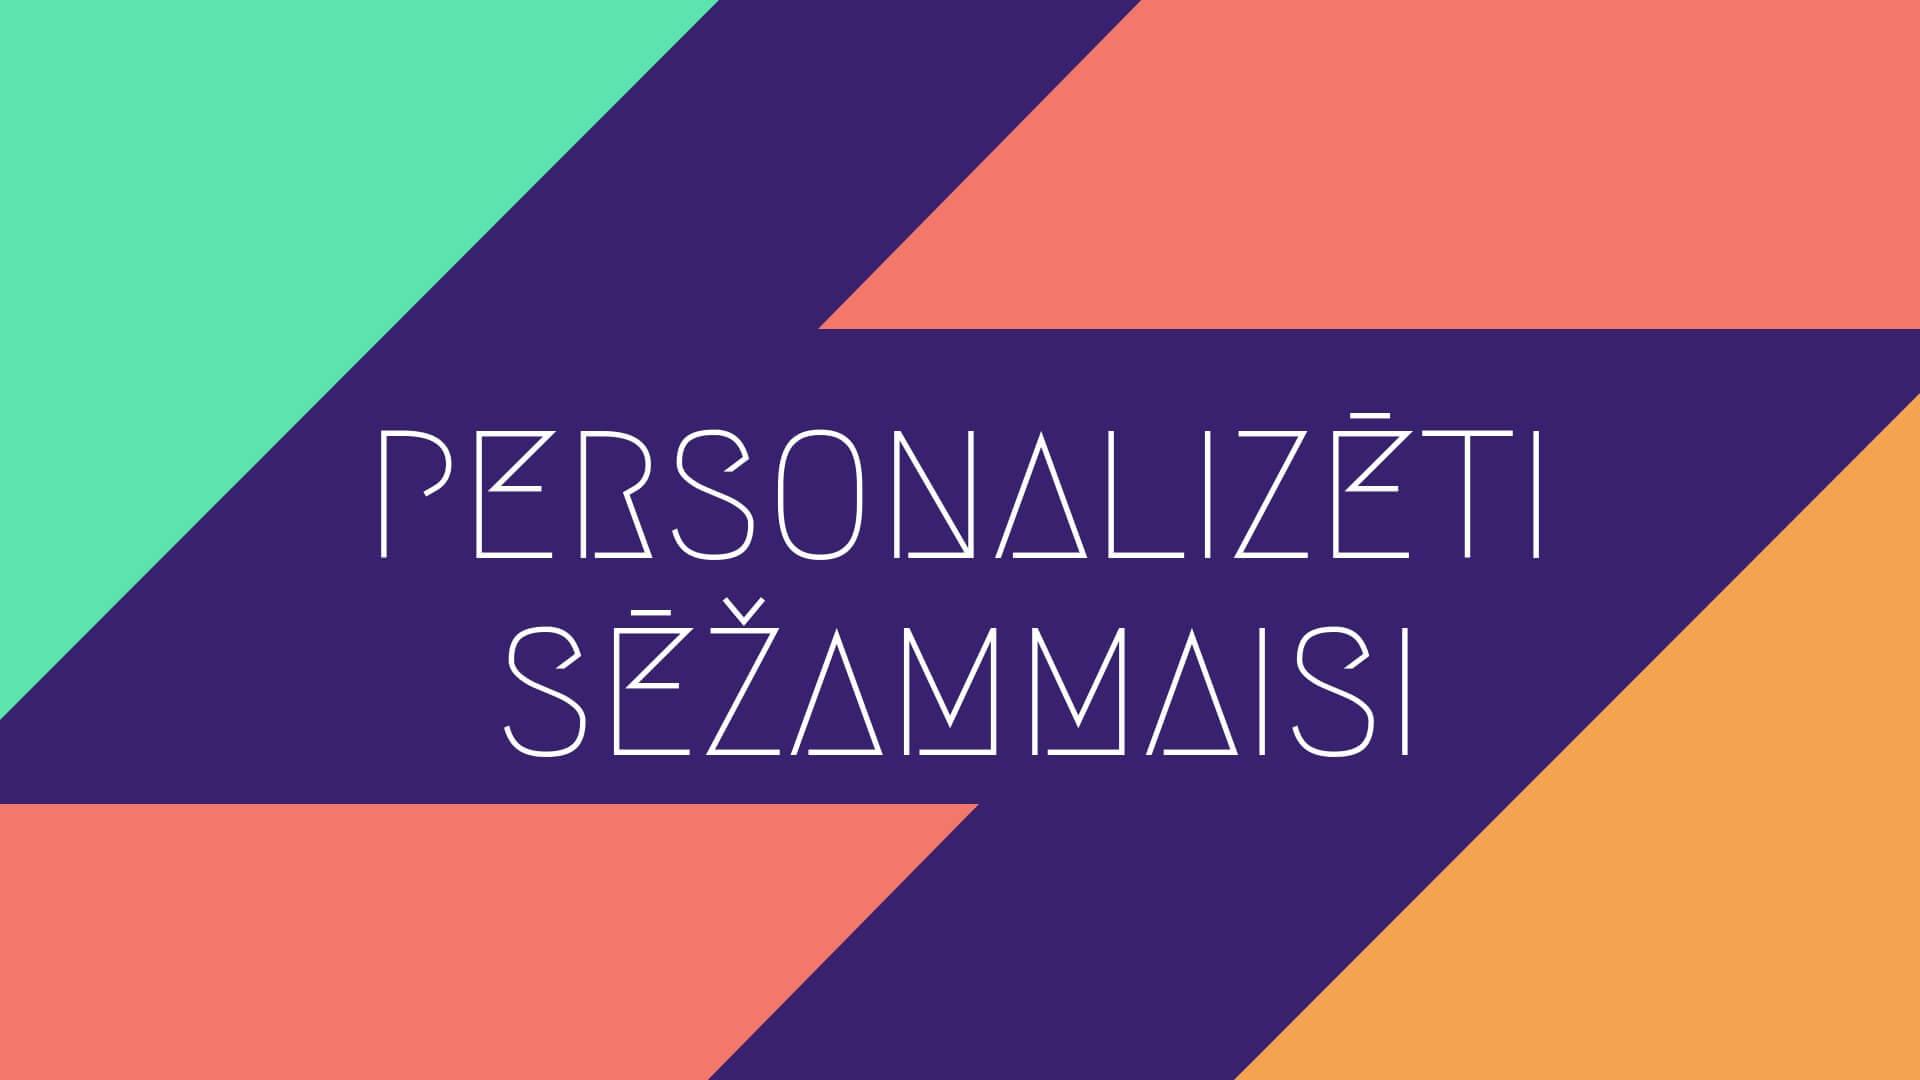 Personalizeti sezammaisi